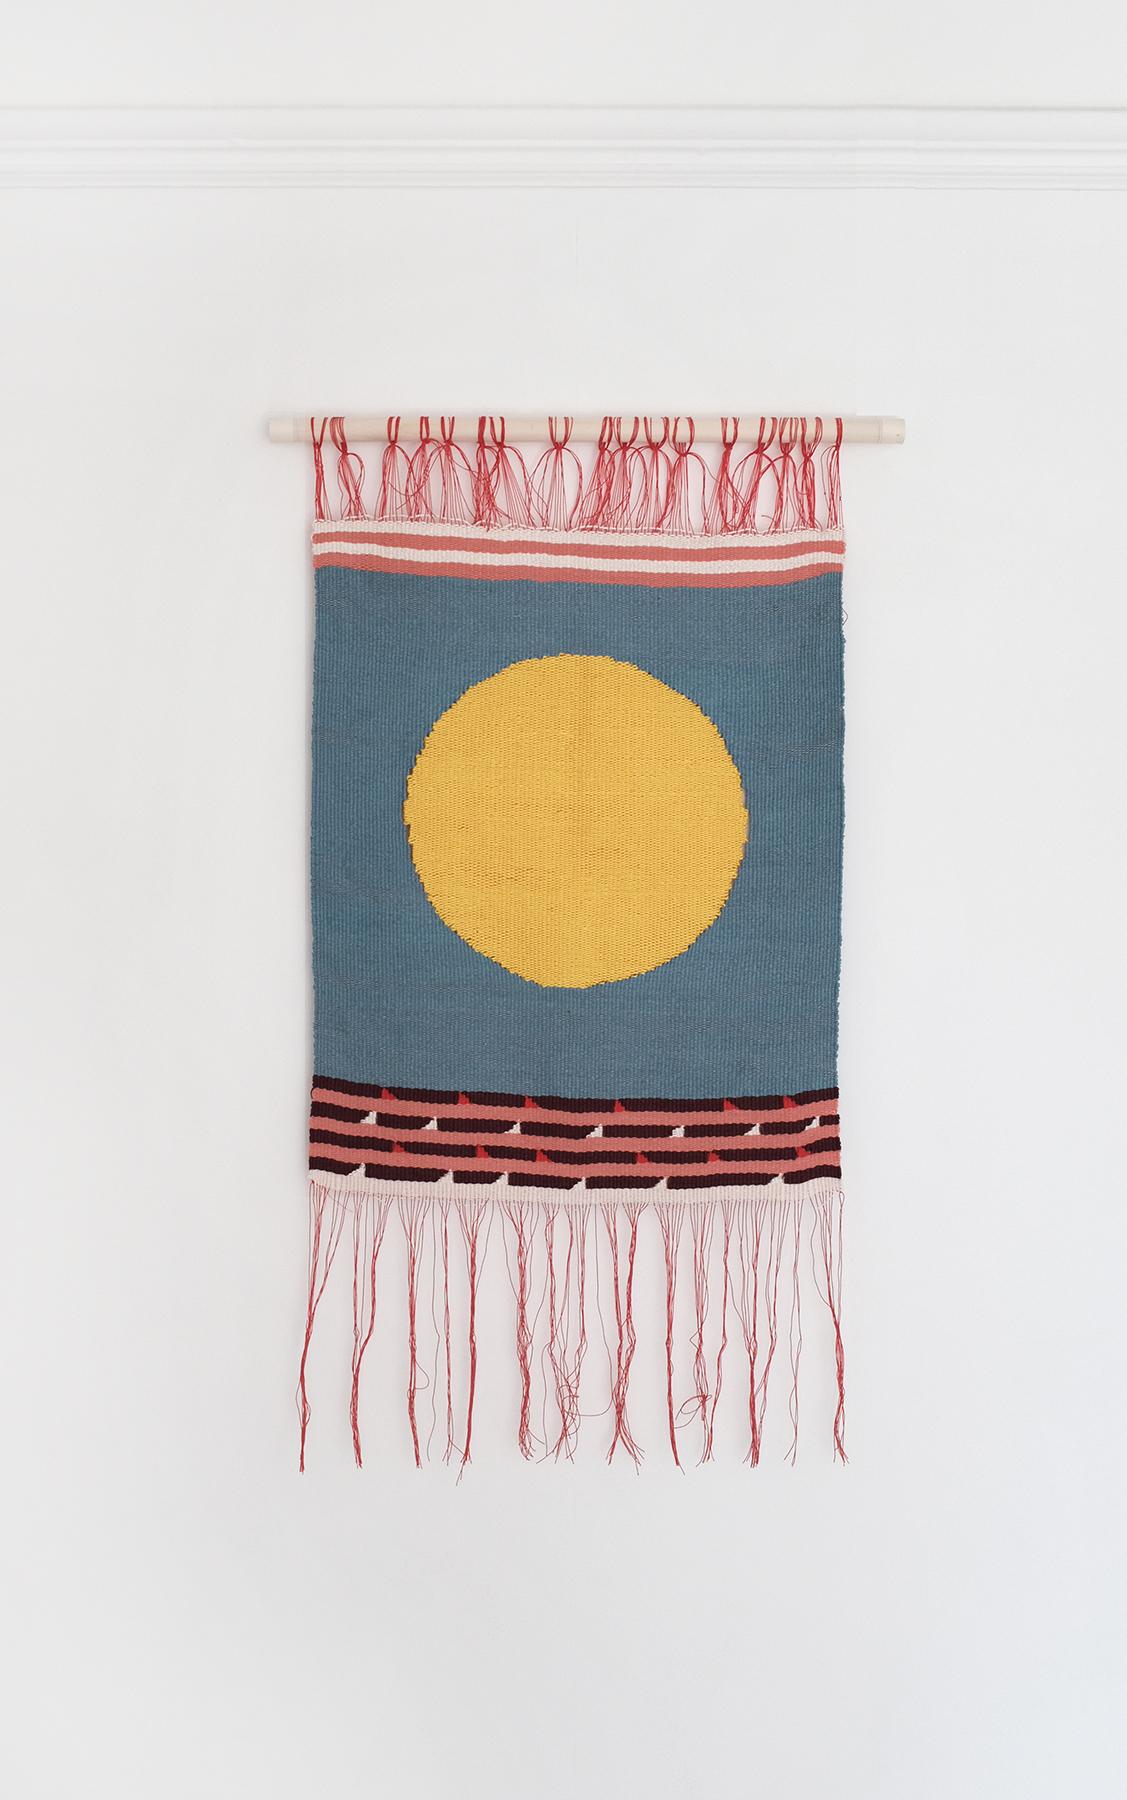 Spans weaving series